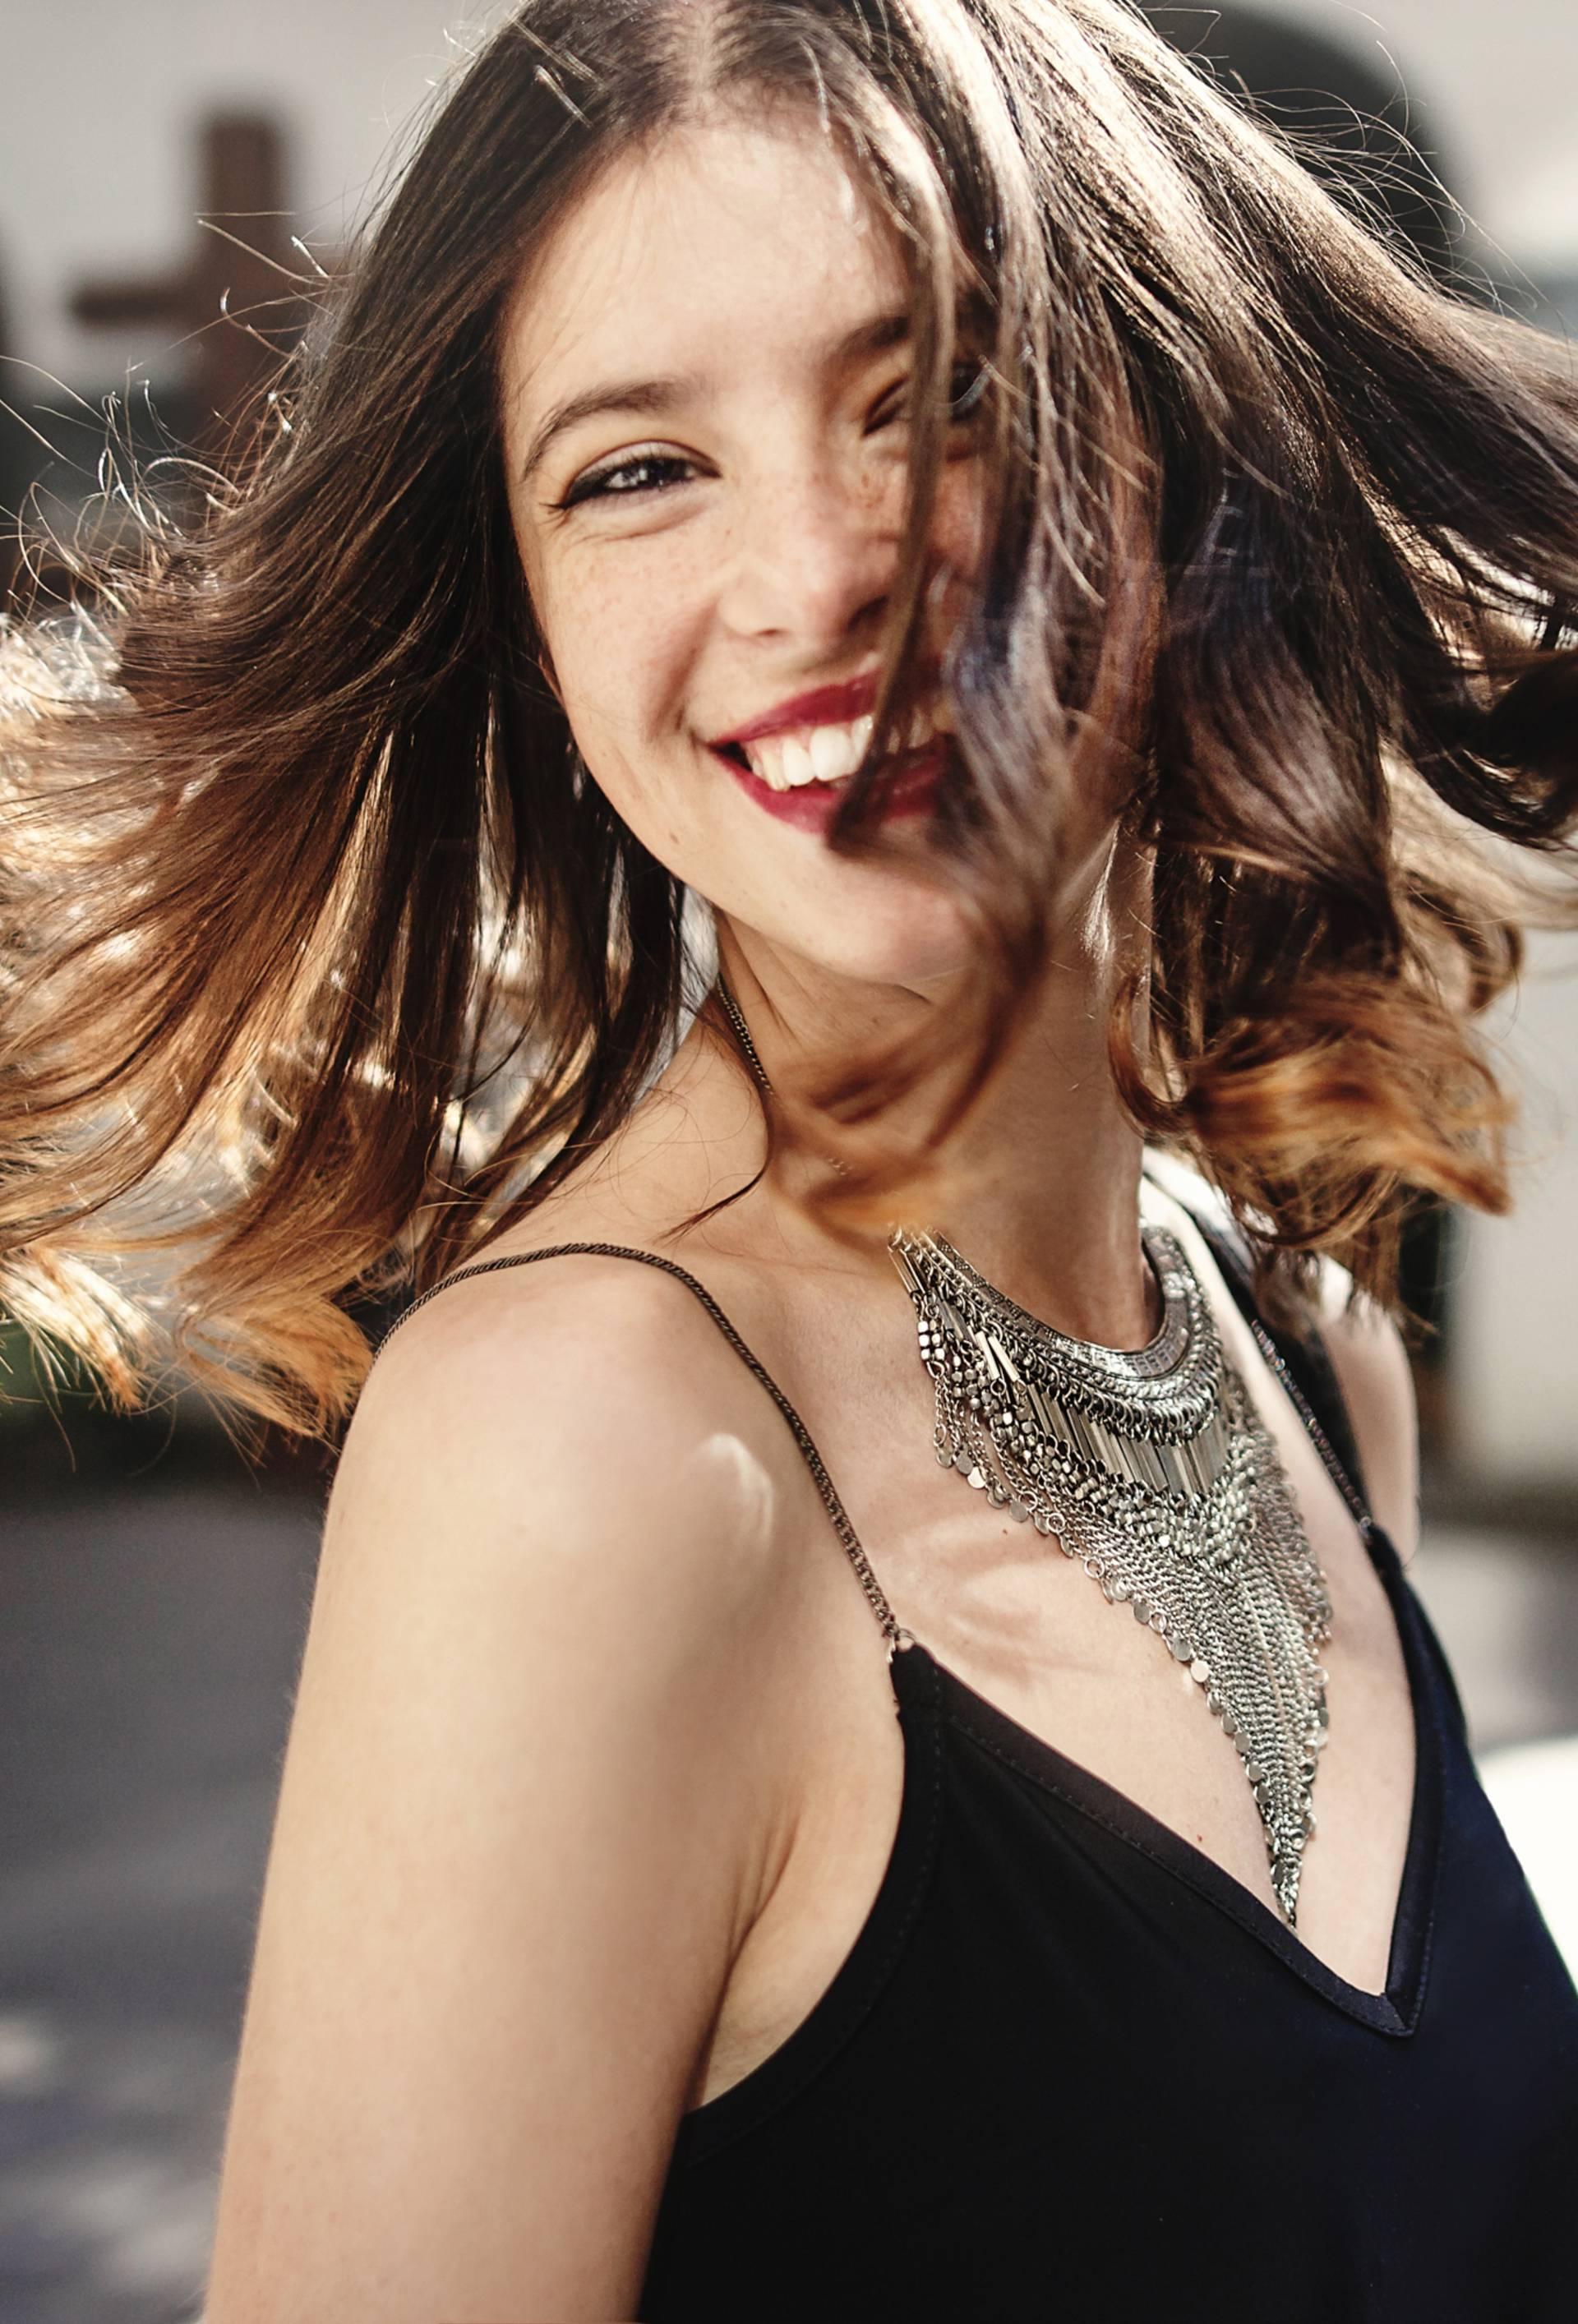 5 prirodnih i sigurnih sastojaka koji mogu ubrzati rast kose